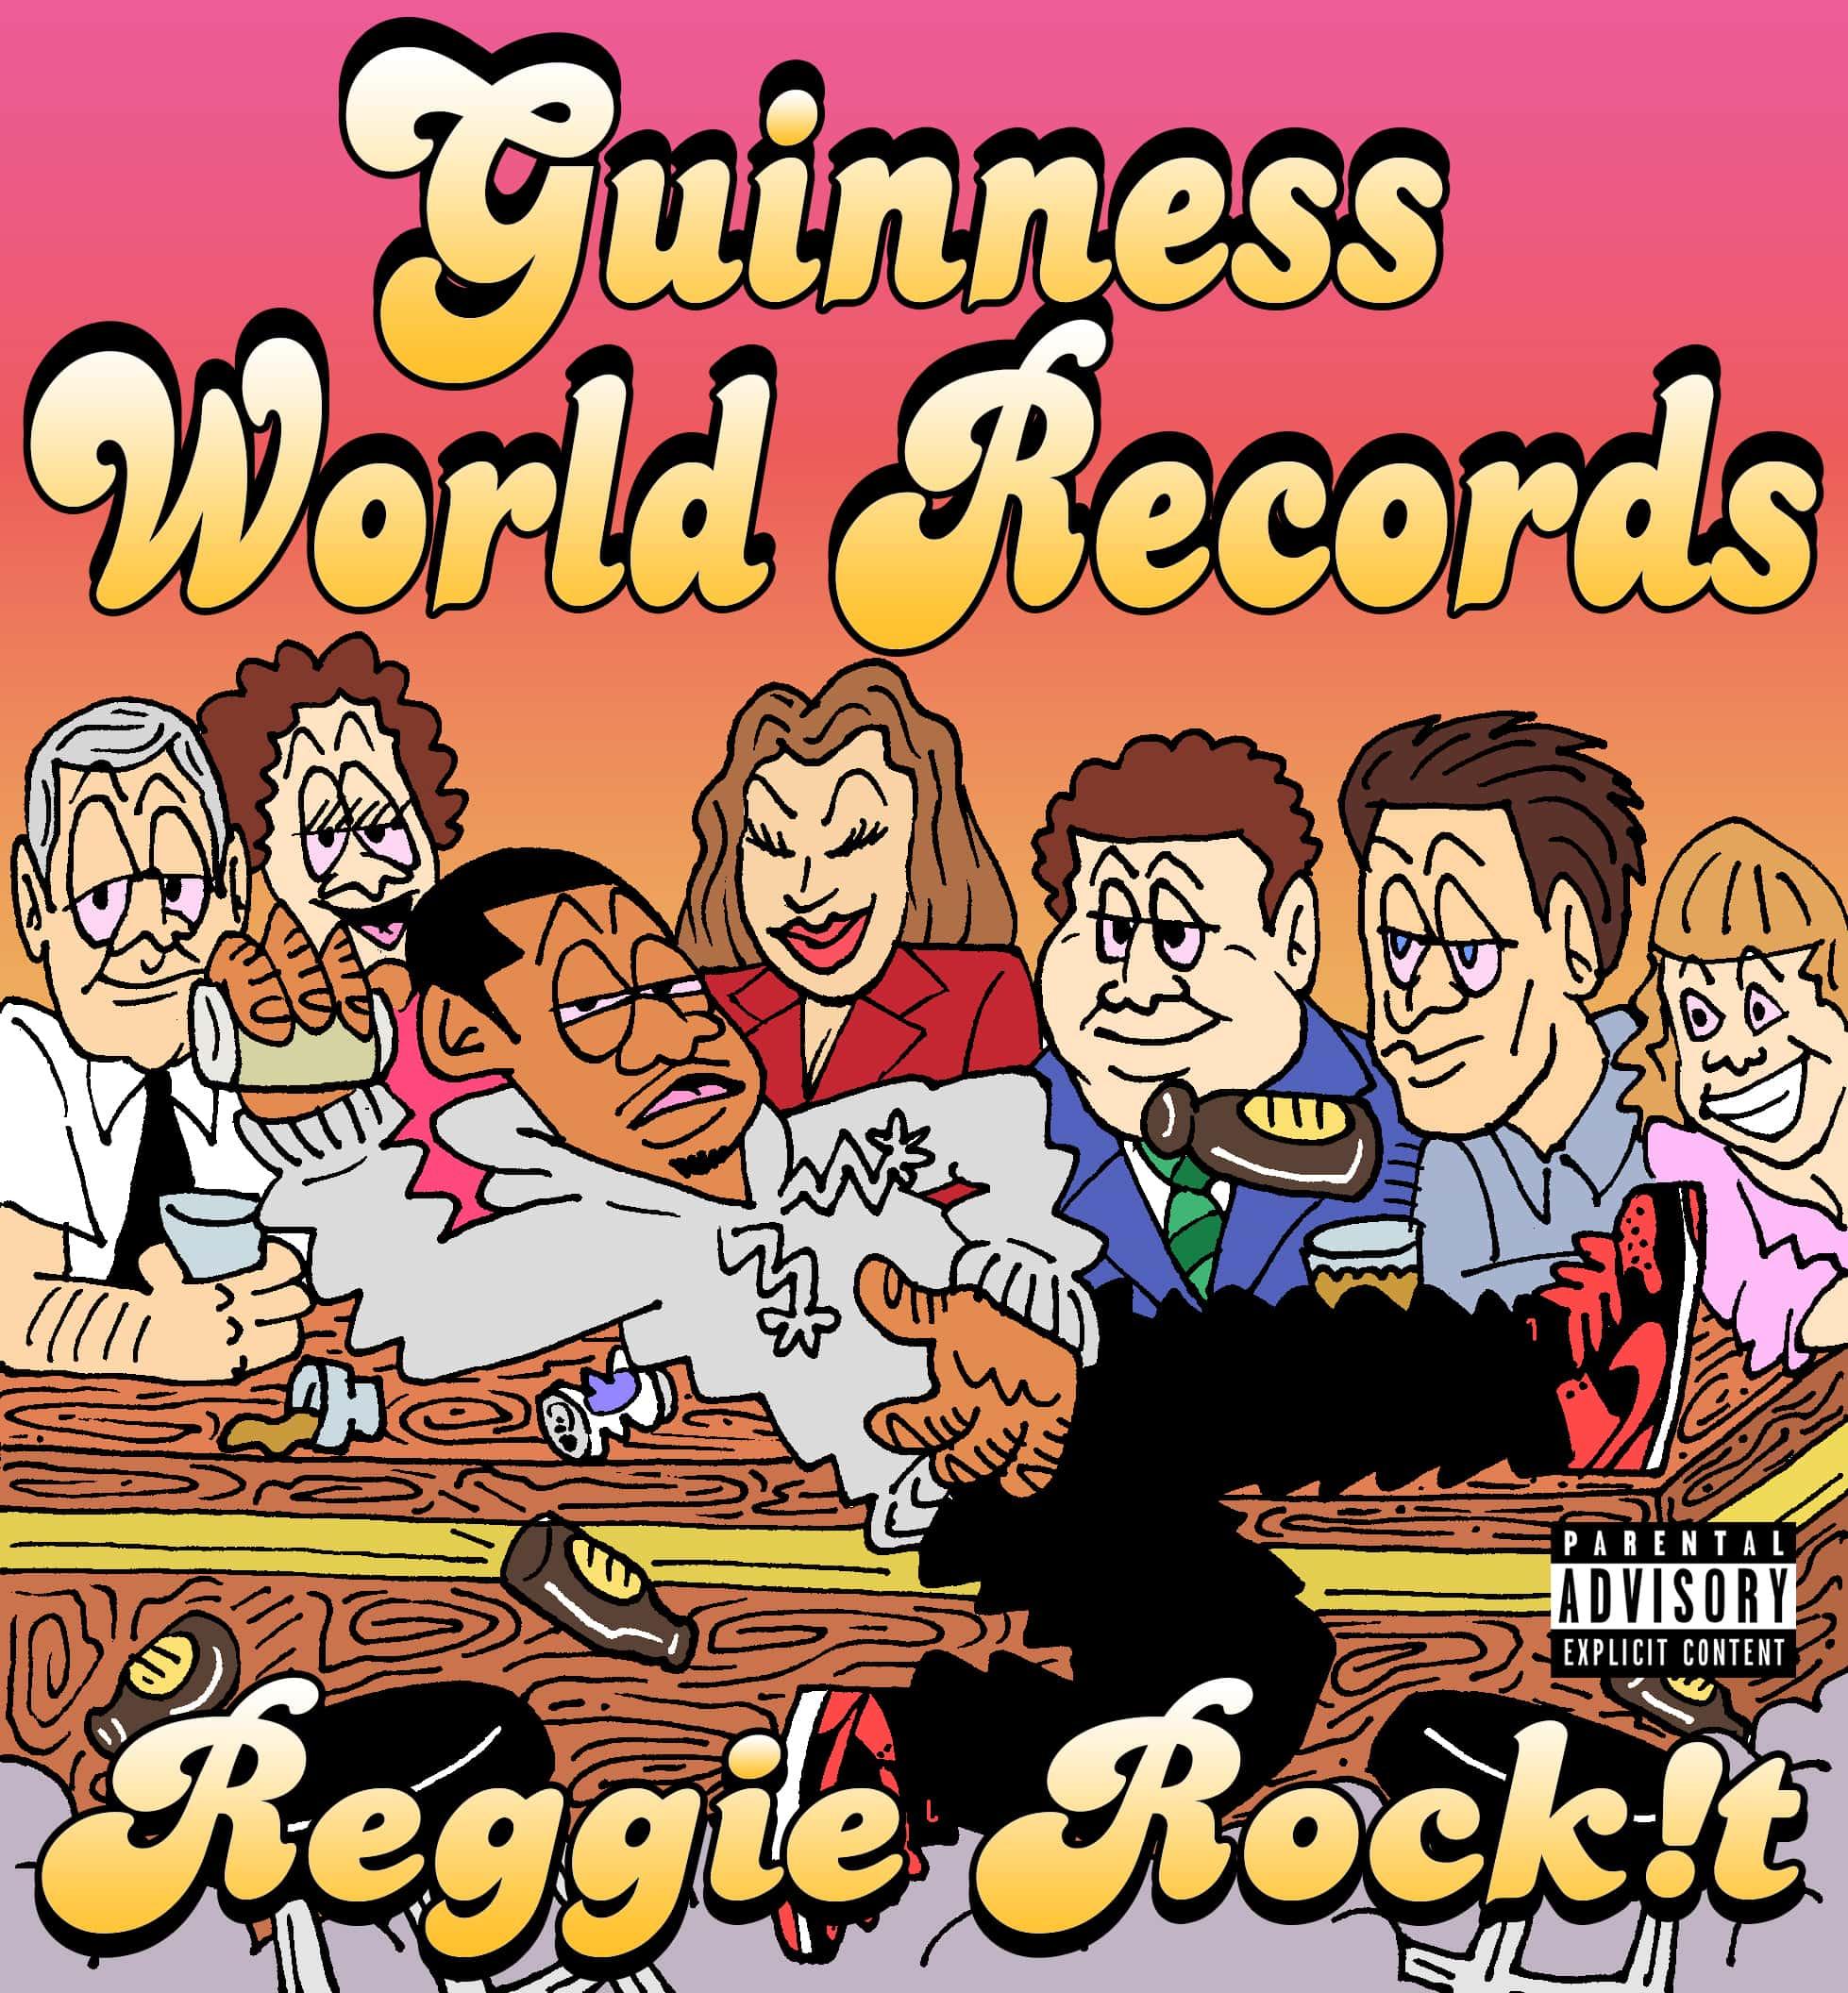 Reggie Rockit - Guinness World Records EP.jpg